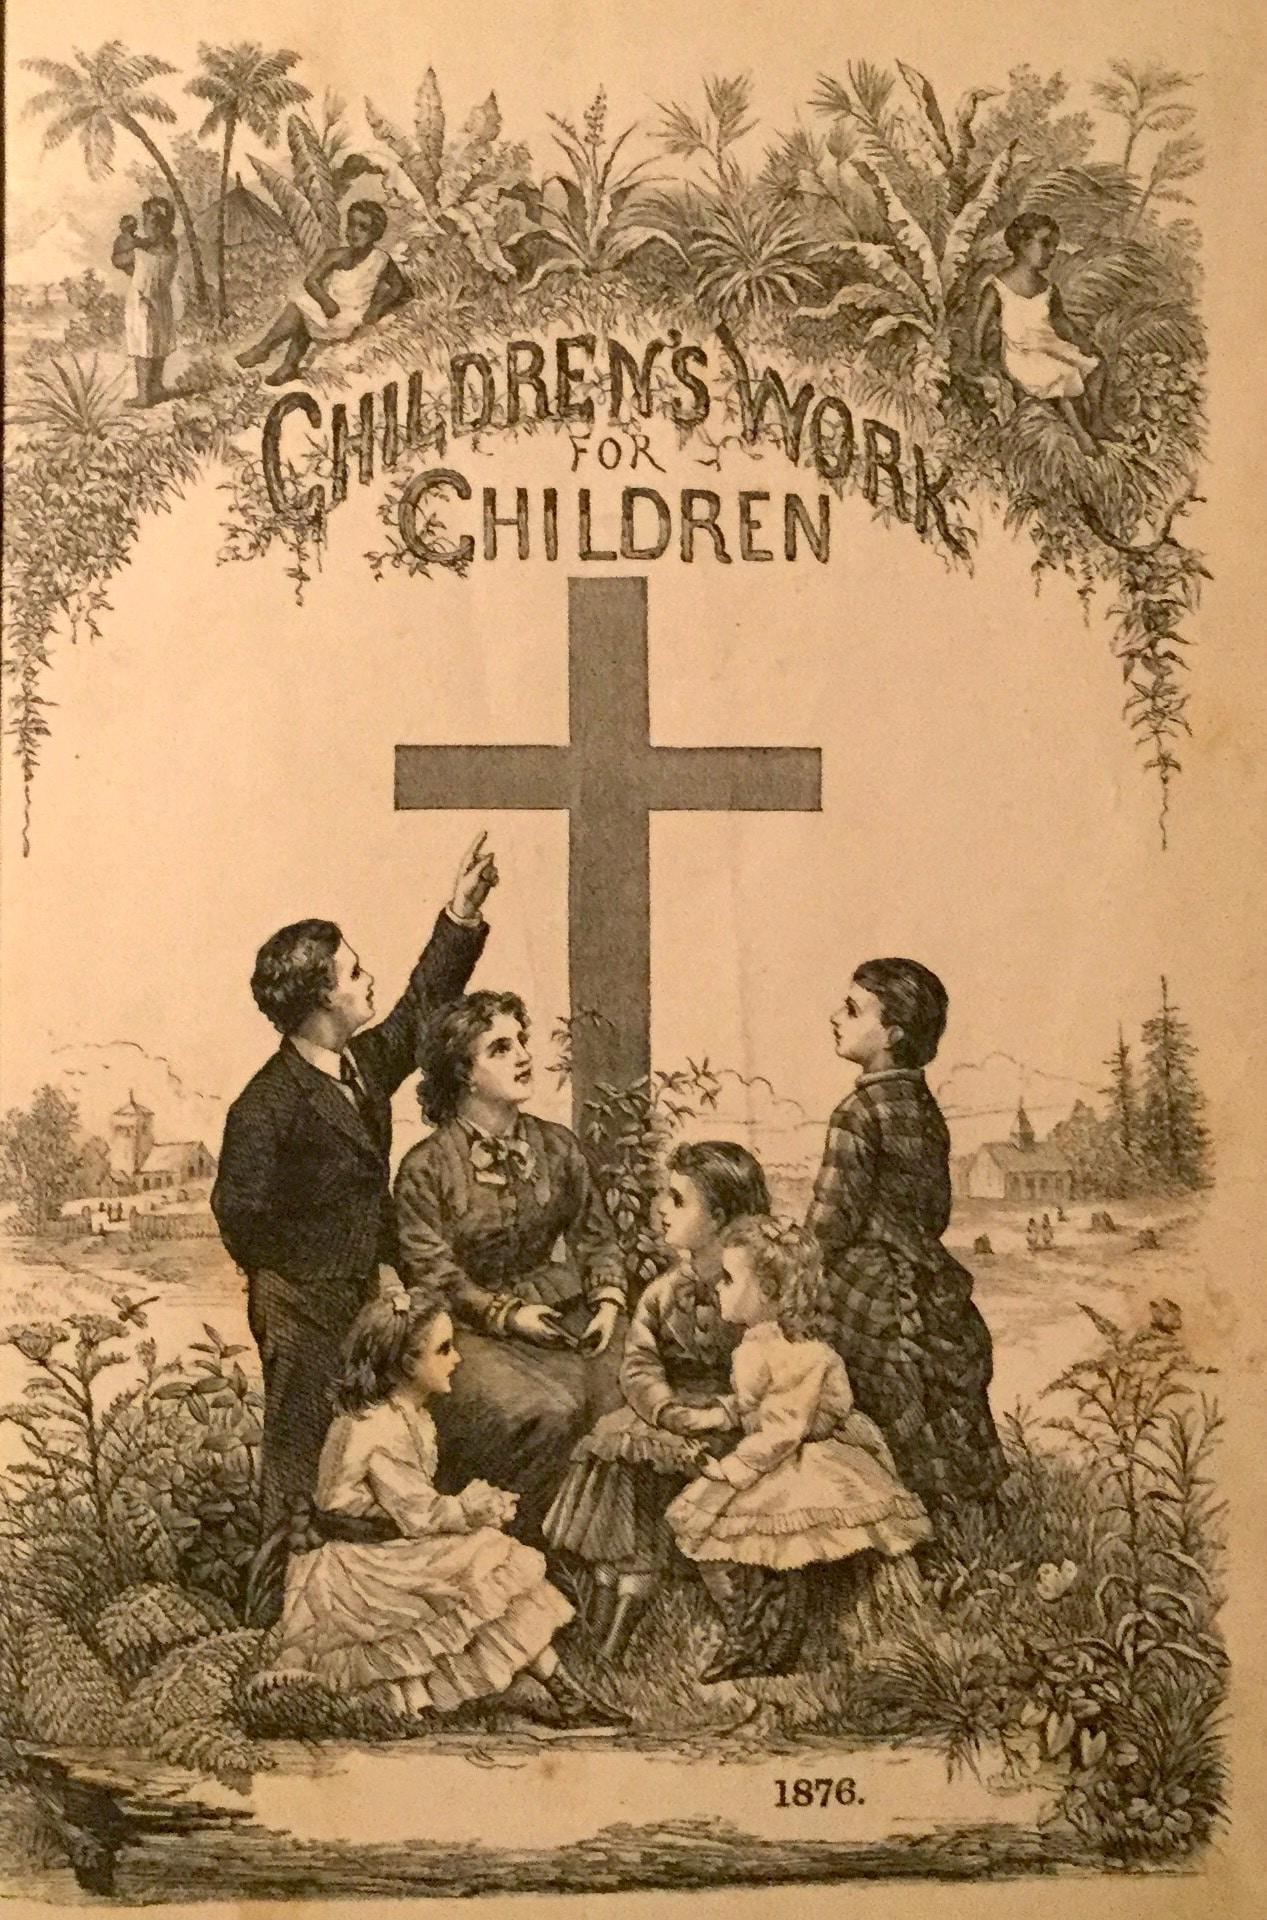 Children's Work for Children